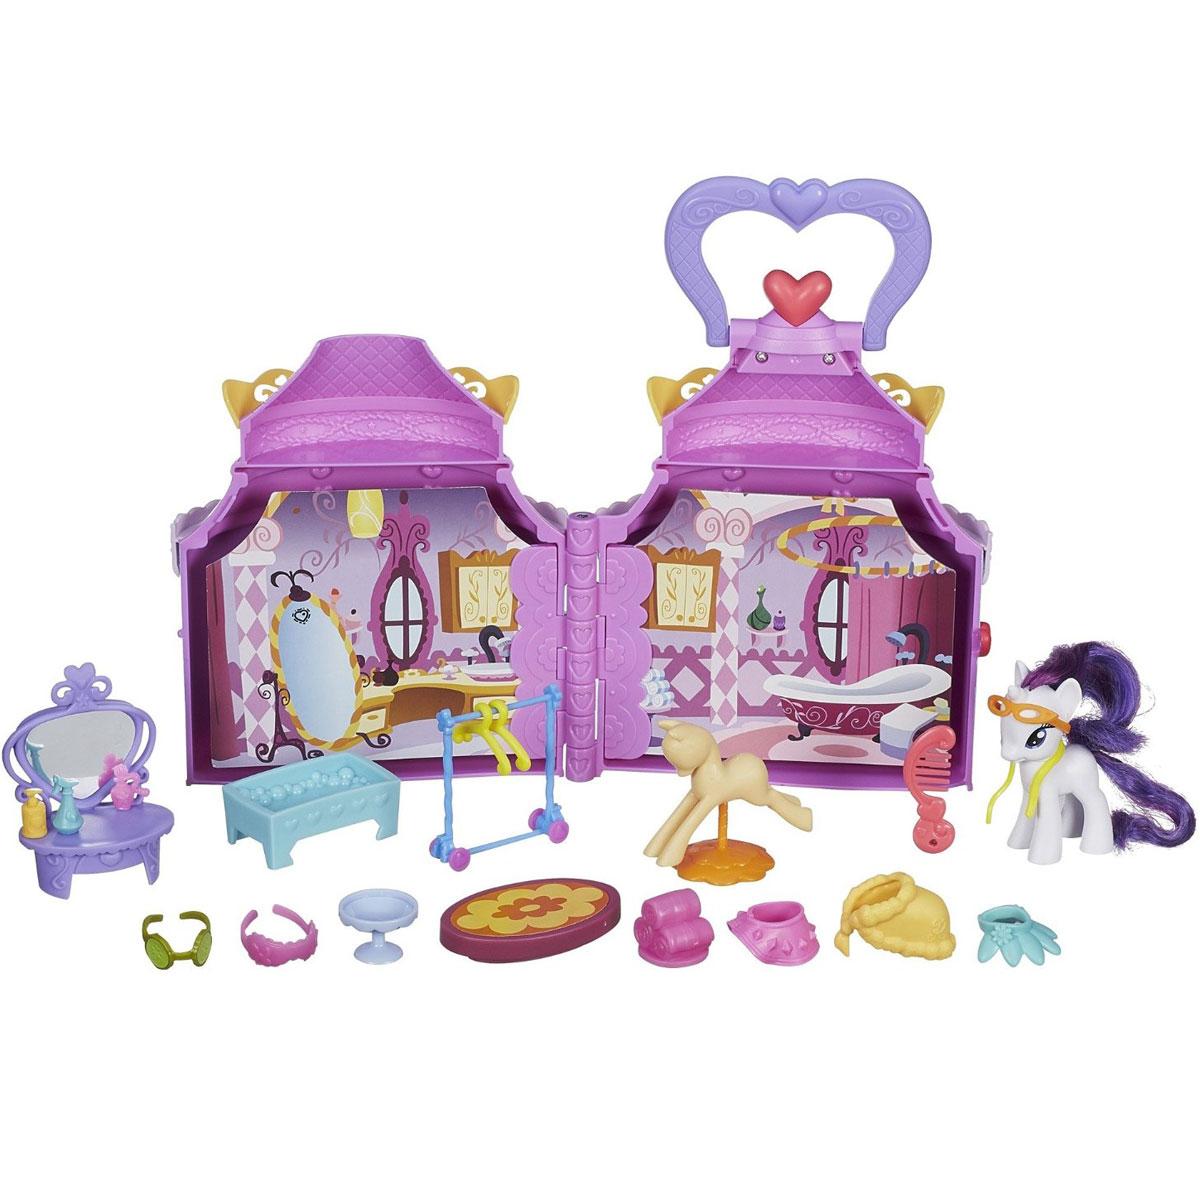 My Little Pony Игровой набор Бутик РаритиB1372EU4Новый игровой набор Бутик Рарити из серии My Little Pony от Hasbro станет любимой игрушкой для вашей девочки! Внешне игрушка похожа на небольшой круглый домик, крышу которого украшает сердечко. В нем есть три разных помещения: спальня, спа-салон и прихожая. Внутри домик разделен несколькими картонными страничками, на которых нарисован интерьер комнаты. Перелистнув раз, получится ванная комната, второй - прихожая, третий - пони Рарити окажется в спа-салоне. Меняются декорации одним движением руки, нужно лишь перелистнуть страничку! Также в наборе есть более 20 аксессуаров, которыми можно обставлять комнаты. Юная поклонница мультсериала Дружба - это чудо! сможет брать с собой игровой набор Бутик Рарити куда угодно. Достаточно просто закрыть домик, соединив две половинки и взяться за удобную ручку, прикрепленную к крыше домика. На передней ноге пони Рарити находится QR-код в виде сердечка, просканировав который при помощи любого мобильного устройства, можно открыть...